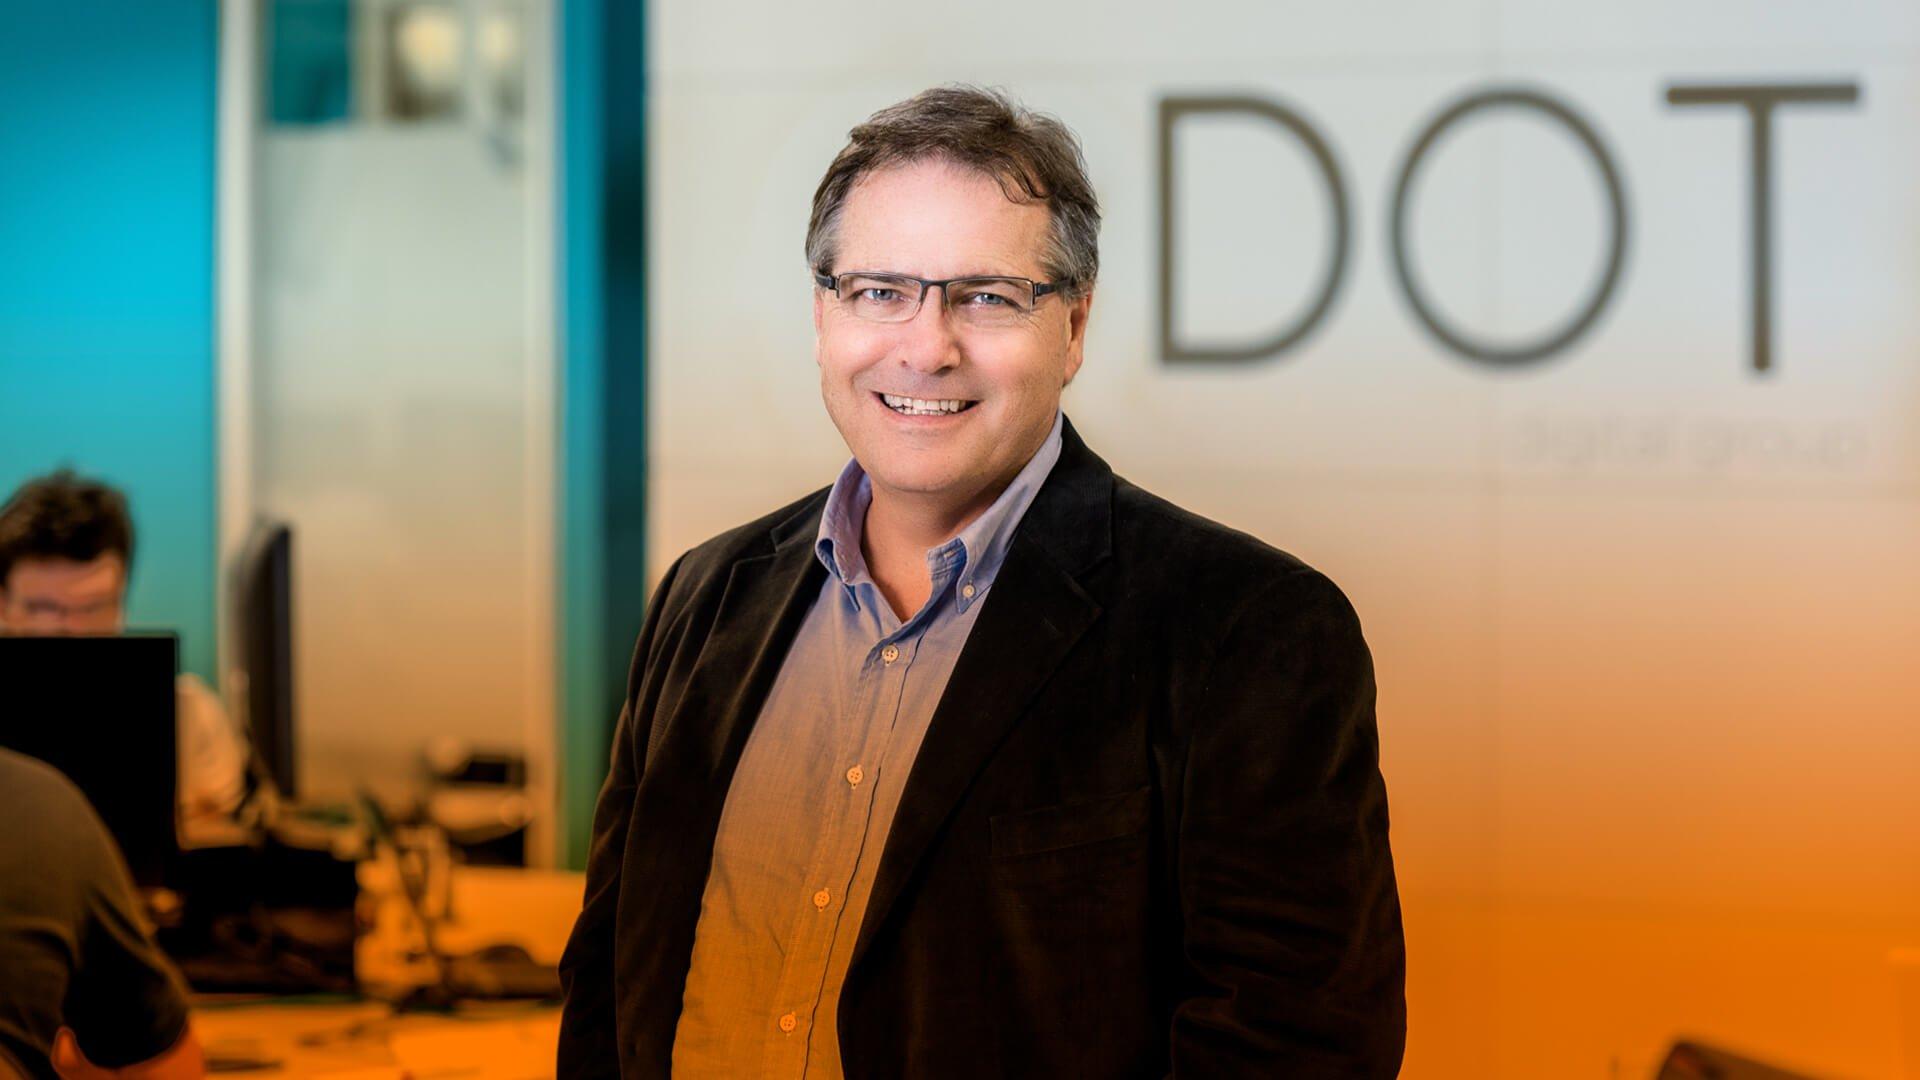 Diretor do DOT digital group coordena mesa redonda no 23º CIAED